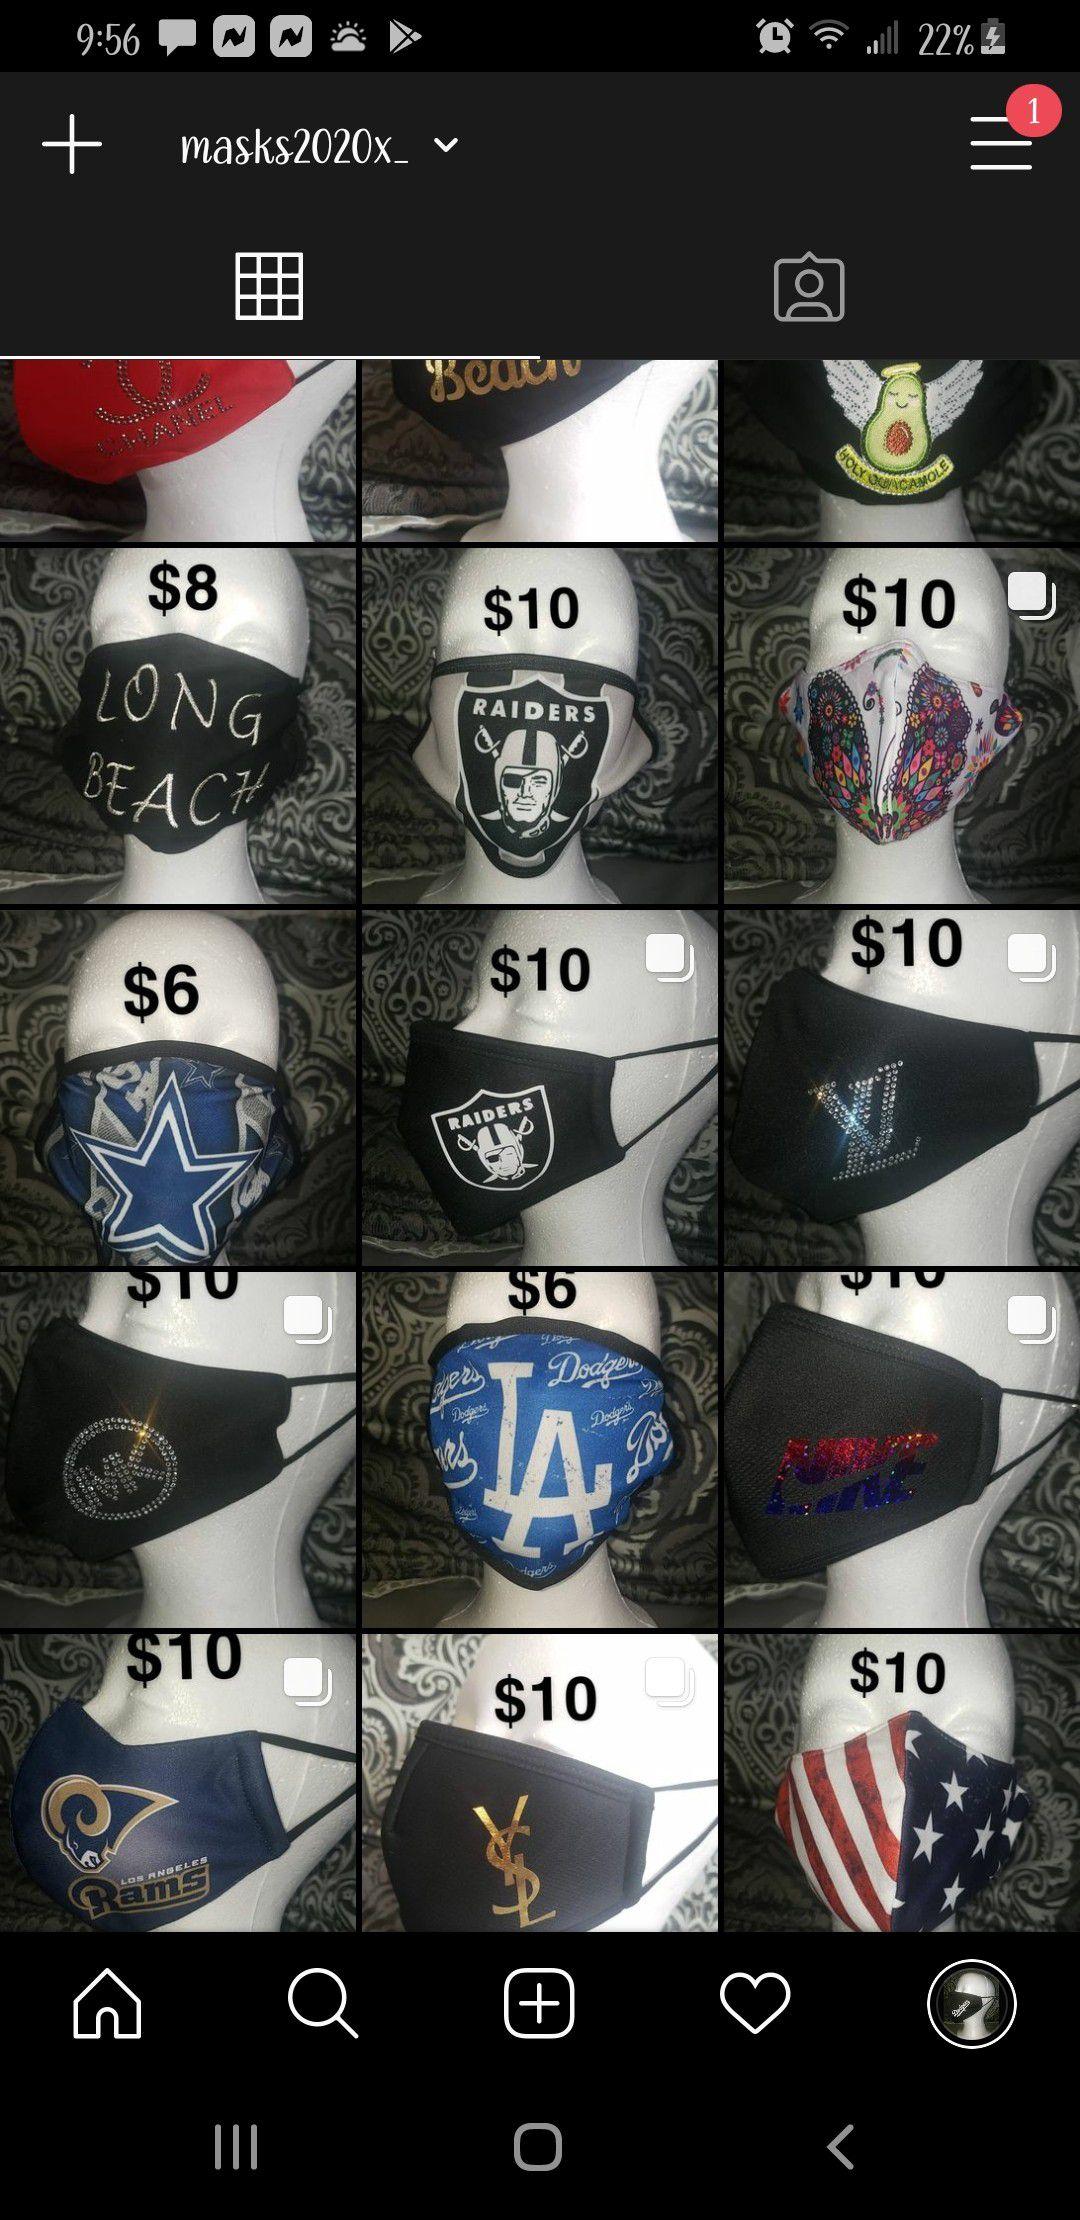 Masks for sale $4-$15